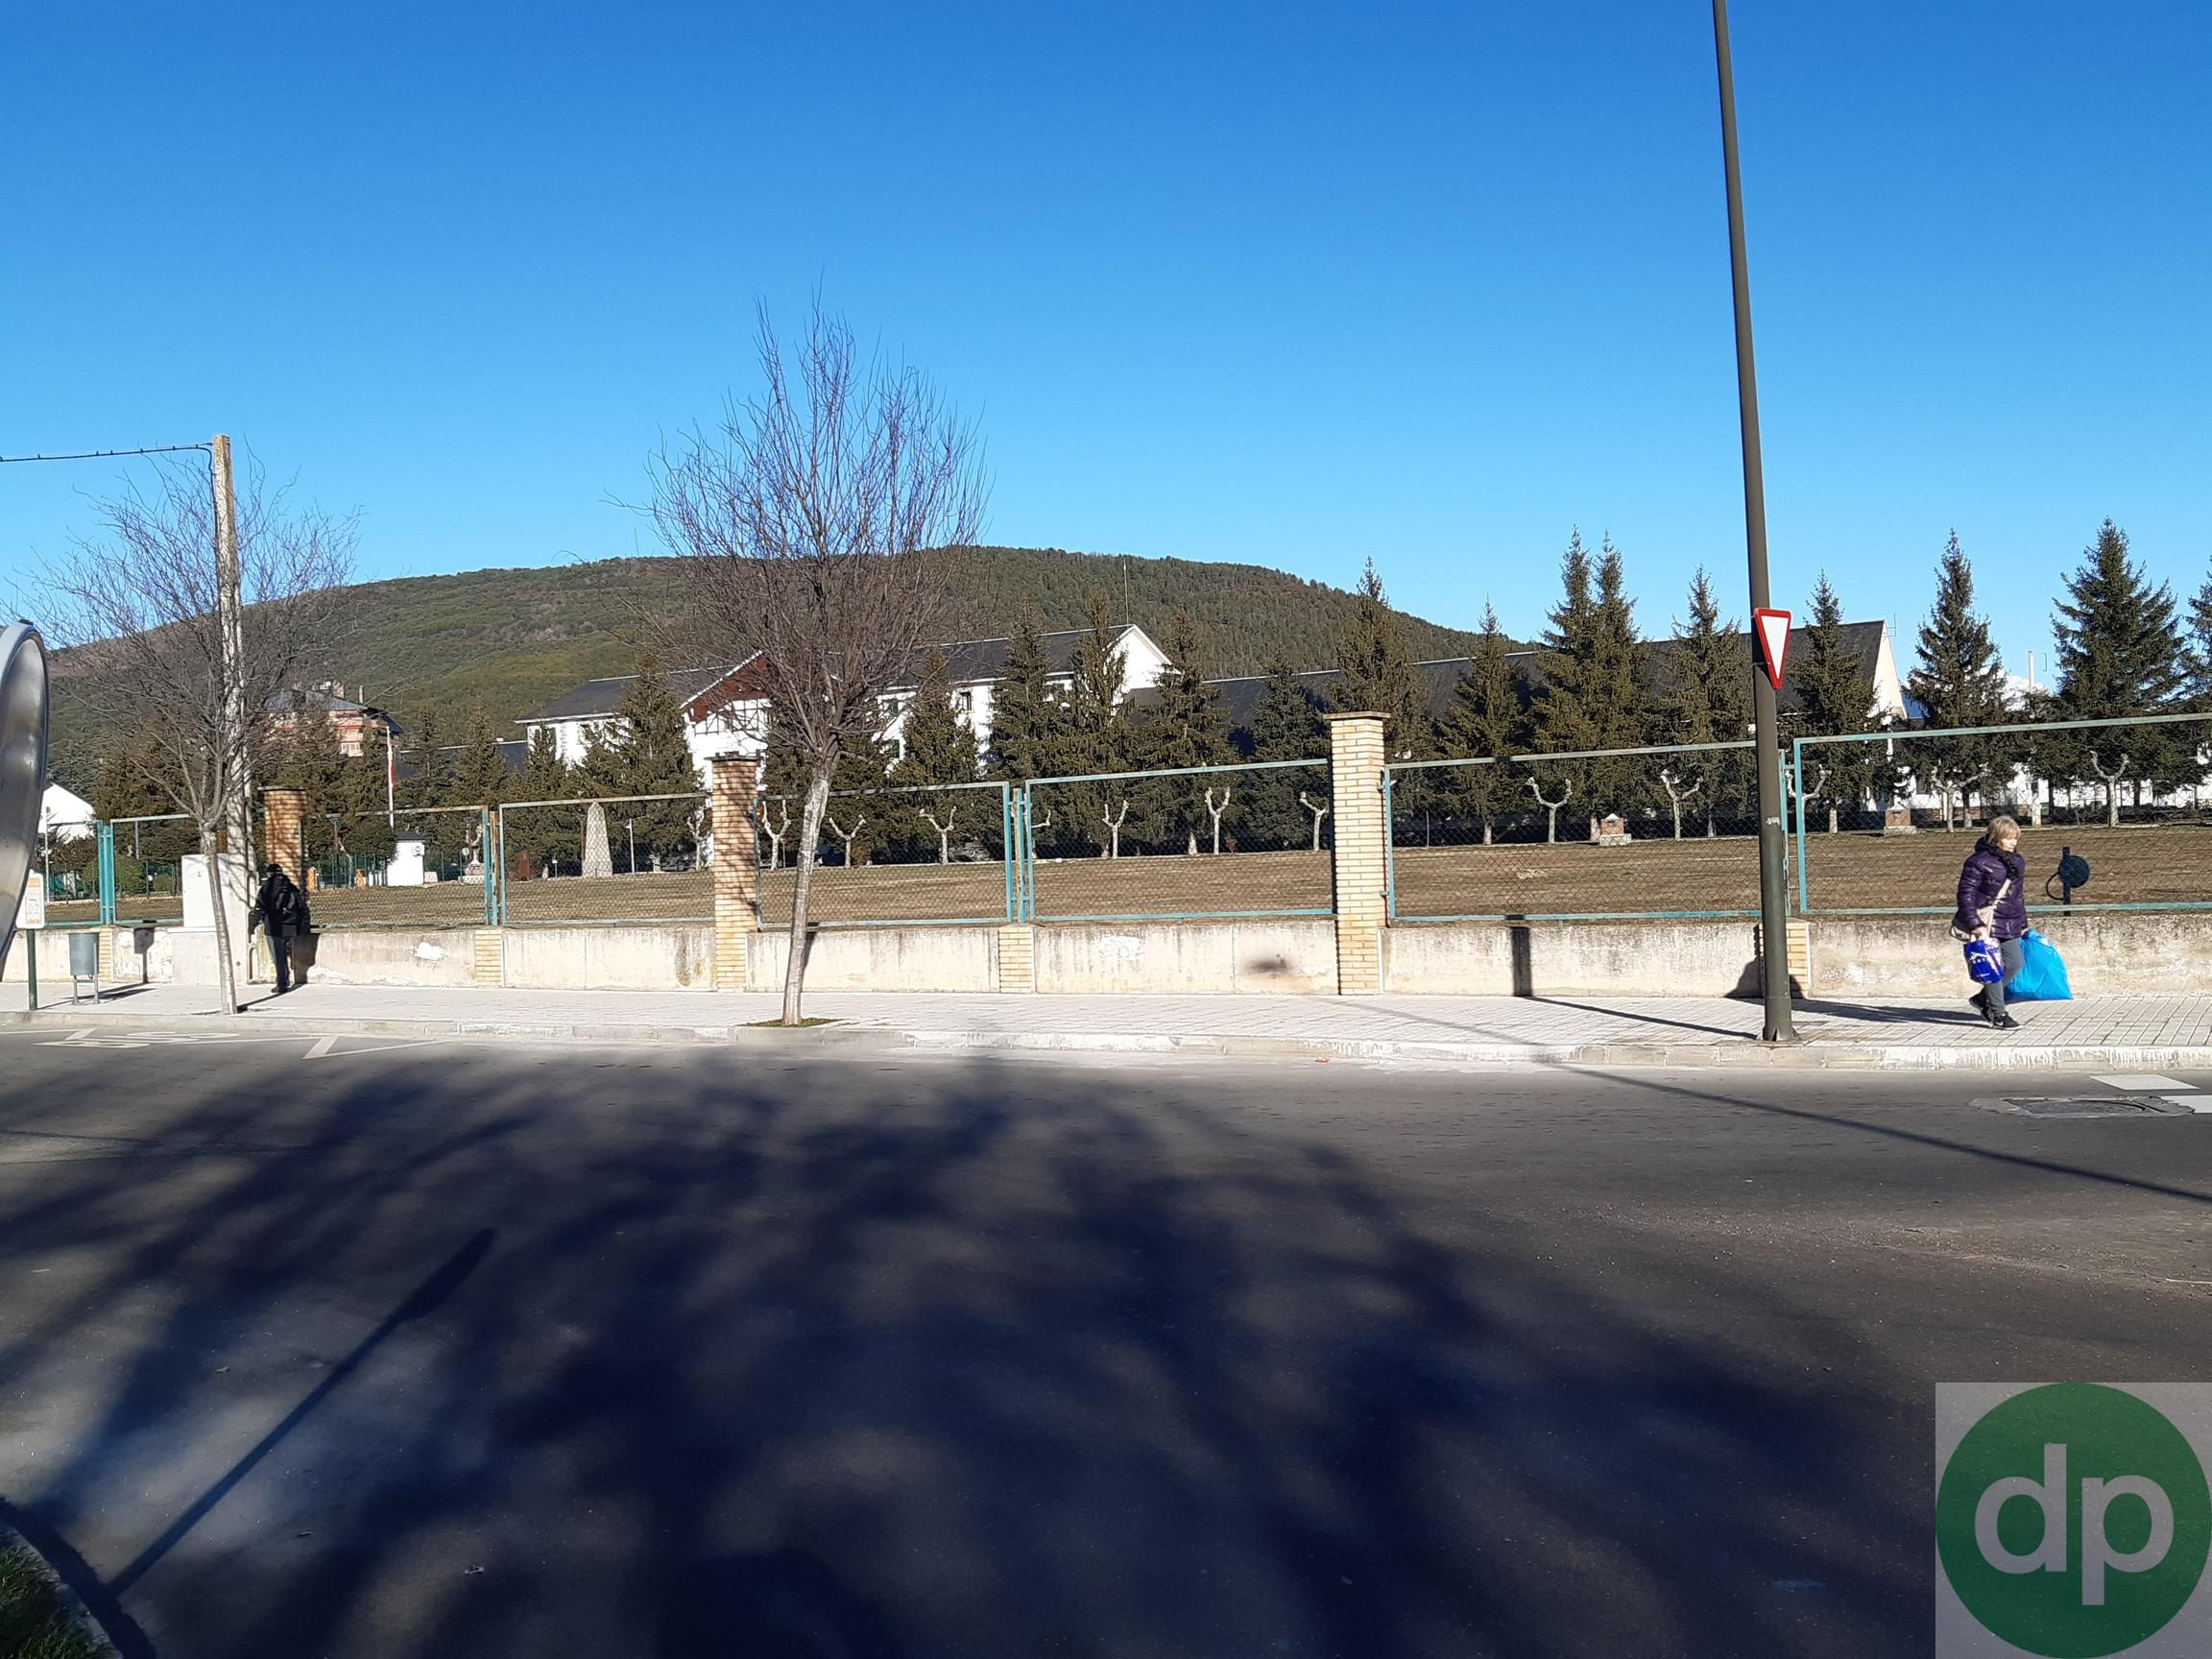 Imagen 2 Parking Coche en venta en Jaca / Junto a la Escuela Militar cde Montaña